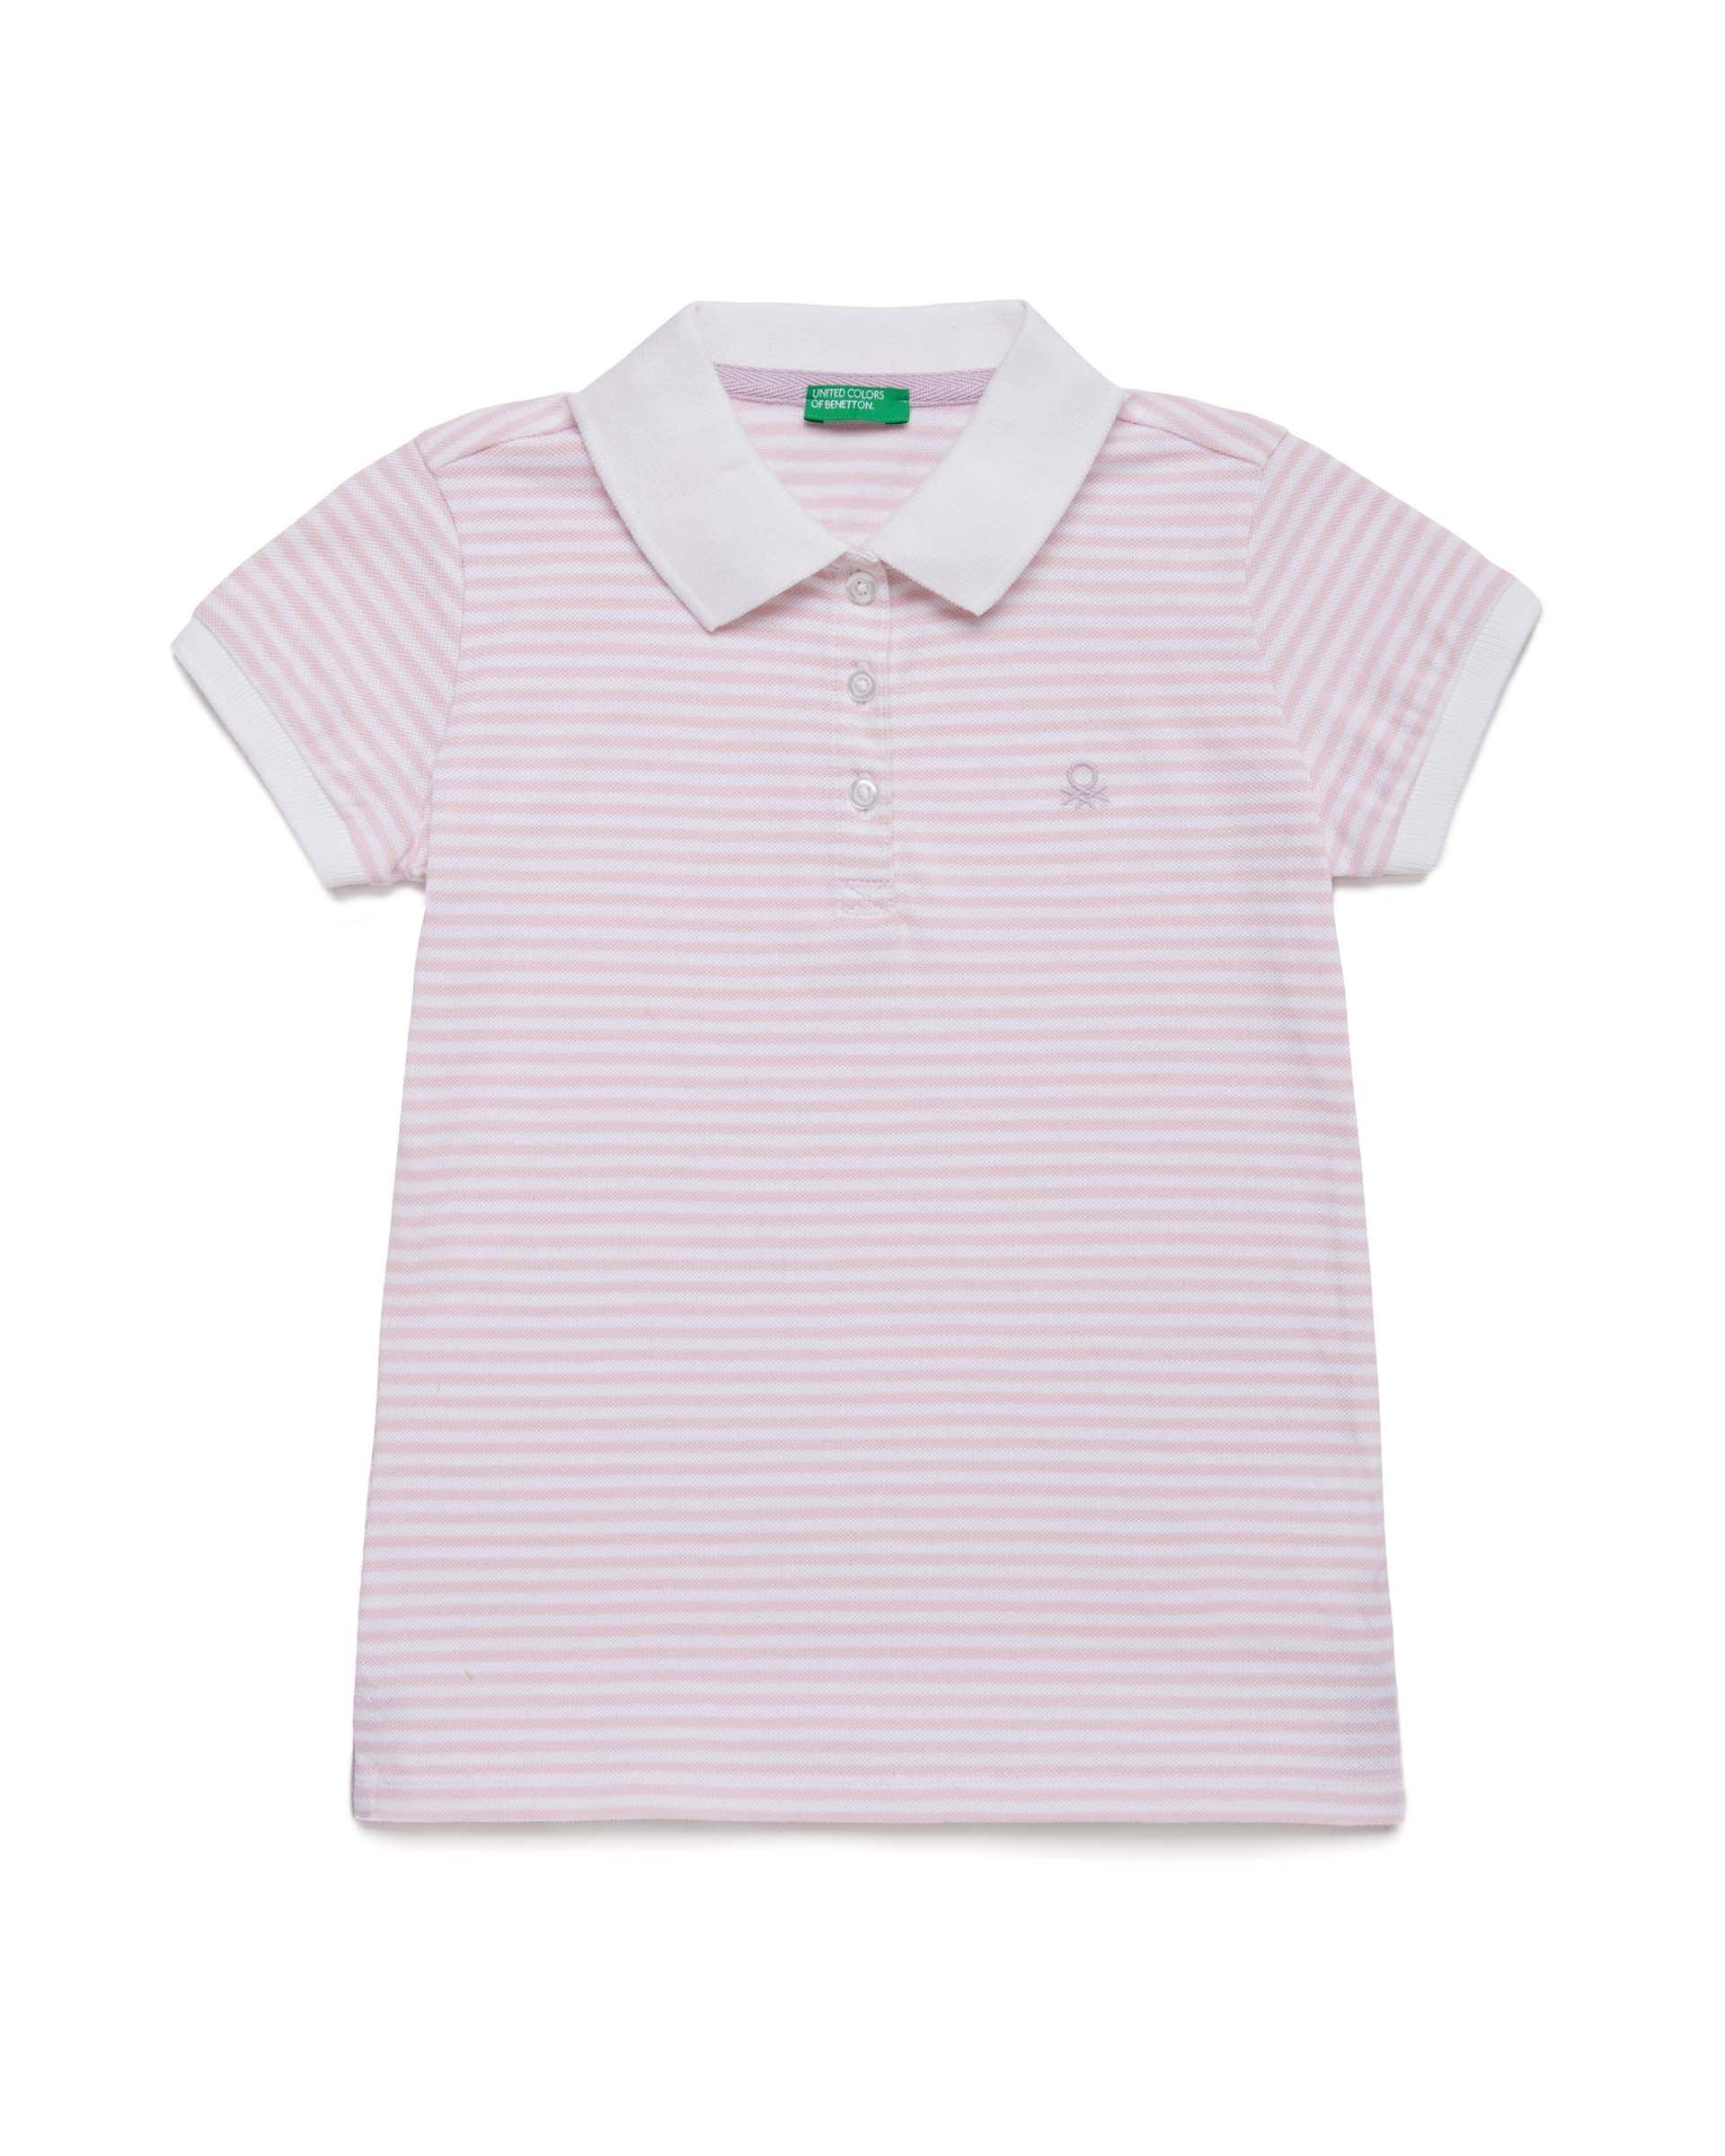 Купить 20P_3PK6C3126_69G, Поло-пике для девочек Benetton 3PK6C3126_69G р-р 80, United Colors of Benetton, Кофточки, футболки для новорожденных